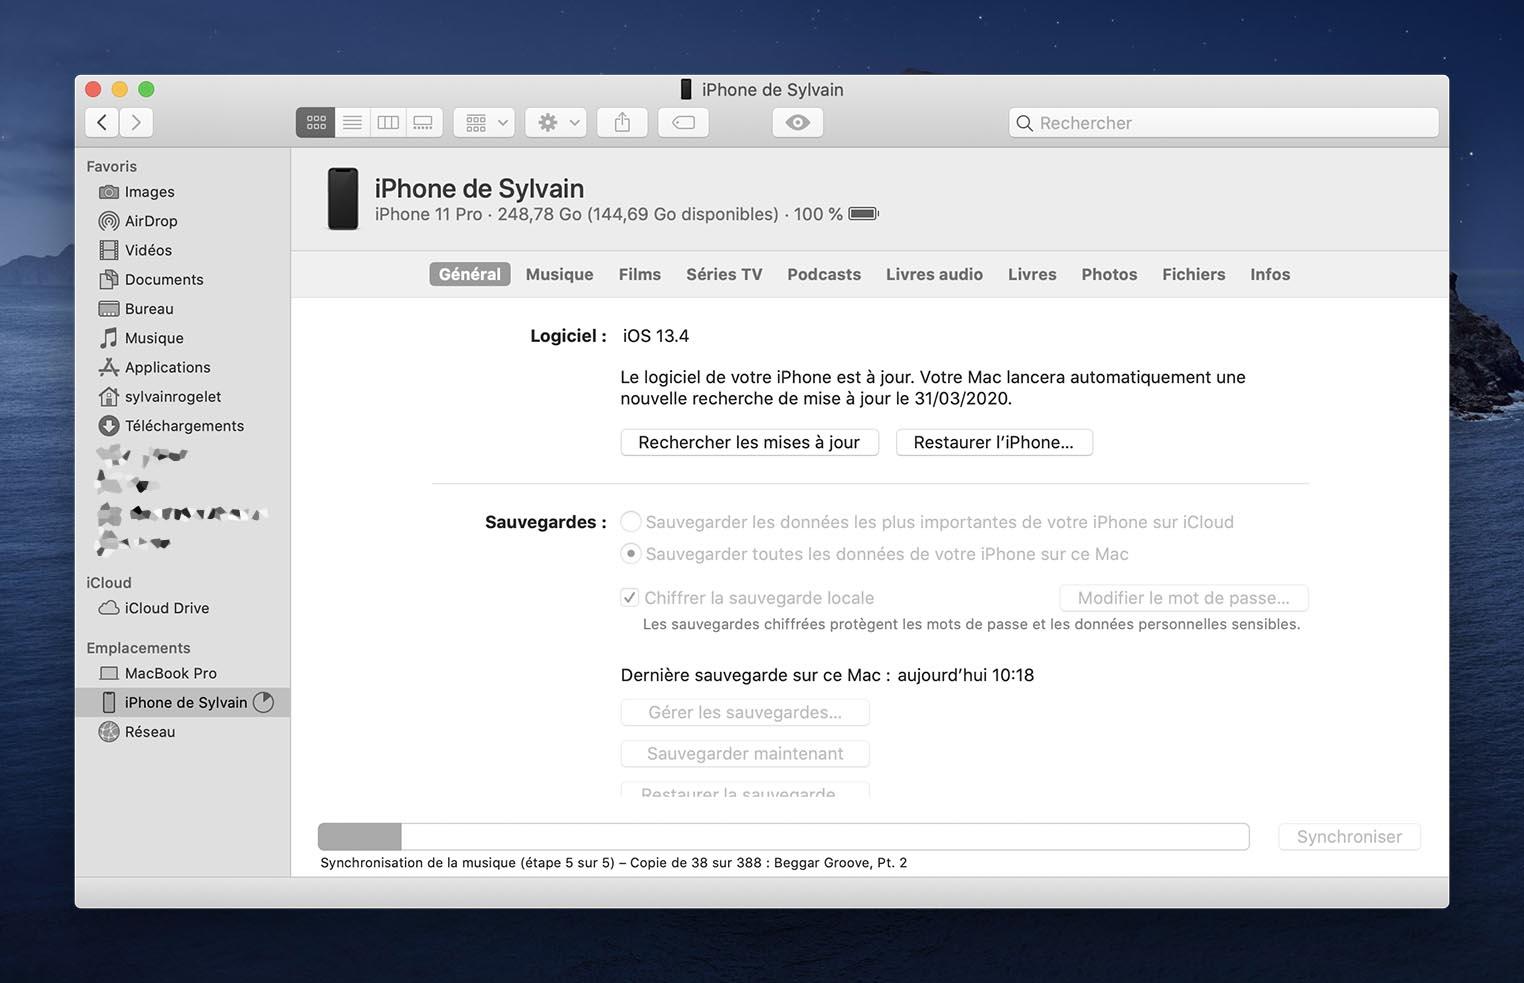 Témoin synchronisation iPhone macOS 10.15.4